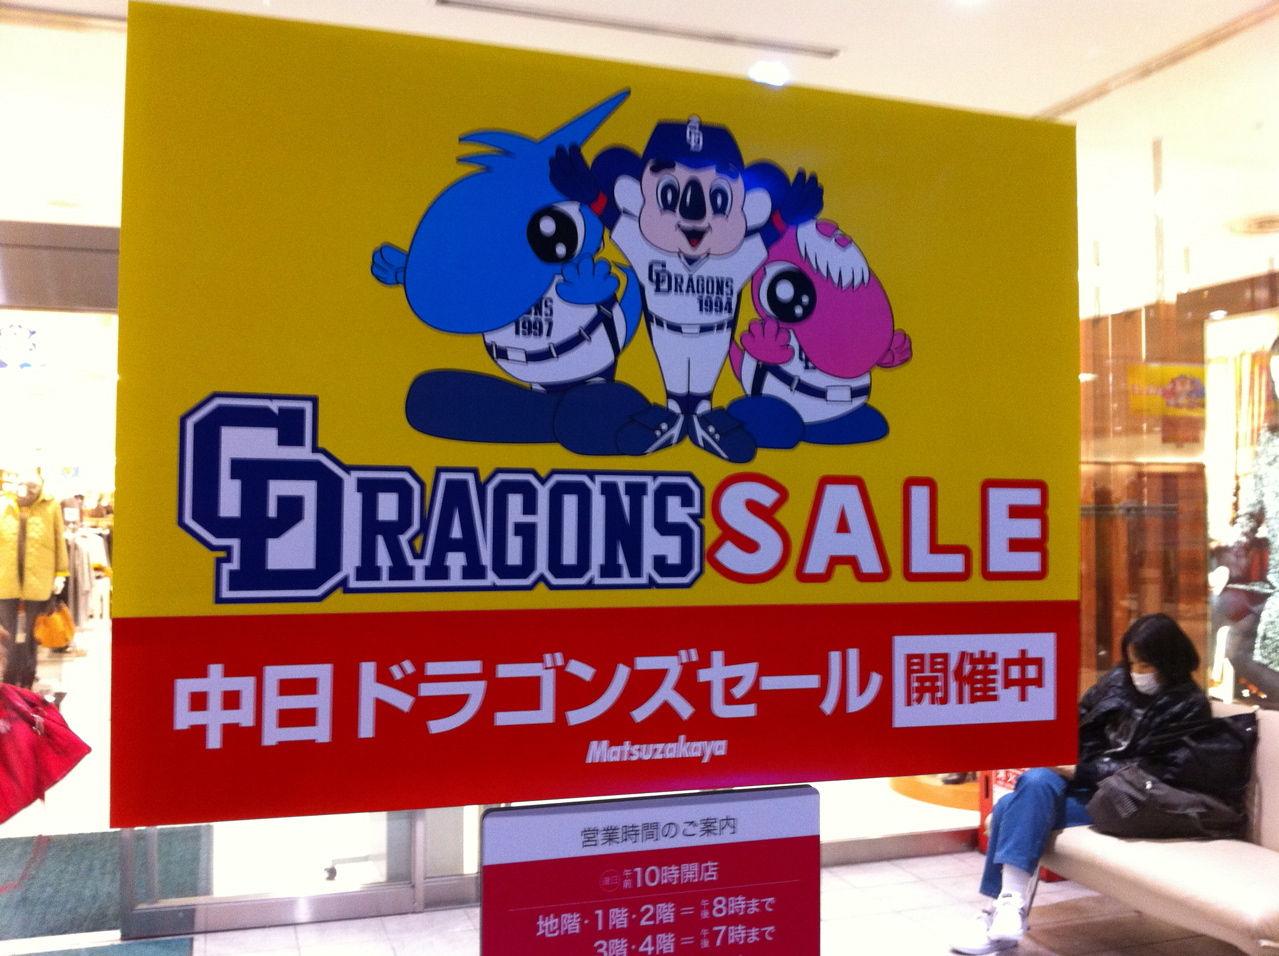 ドラゴンズ残念セール@松坂屋